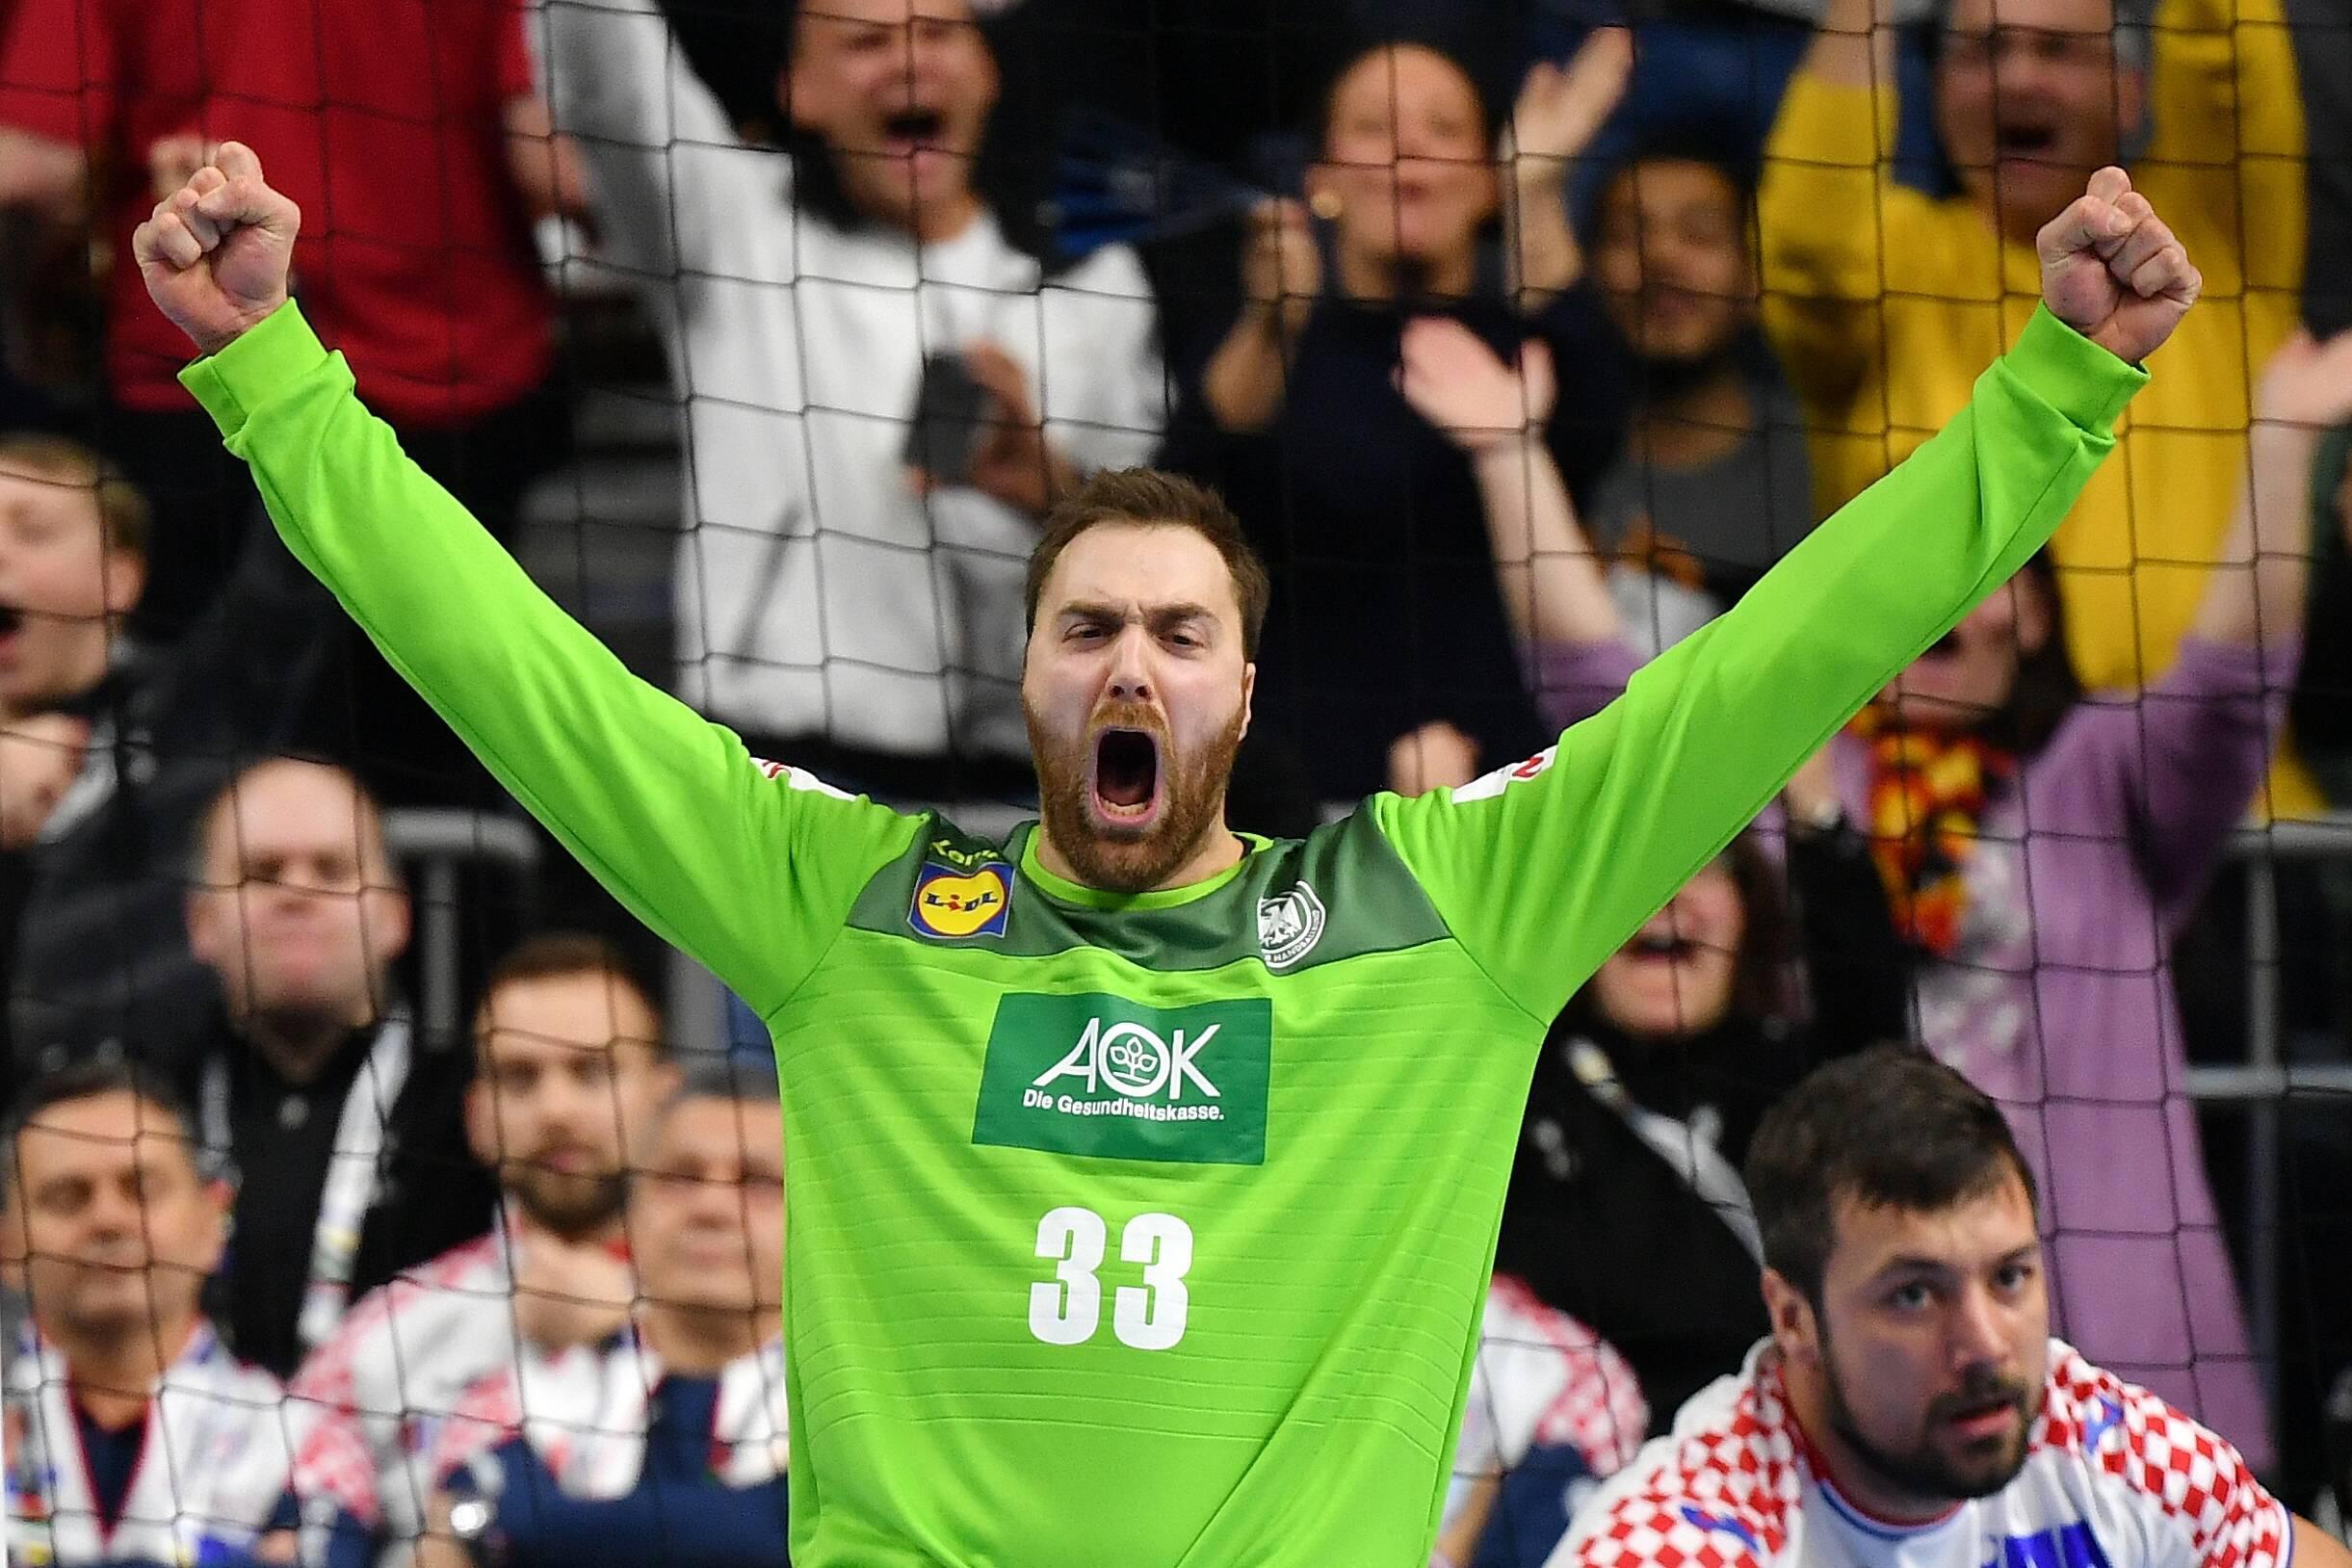 Handball-WM: Deutschland gewinnt gegen Spanien - und wird Gruppensieger